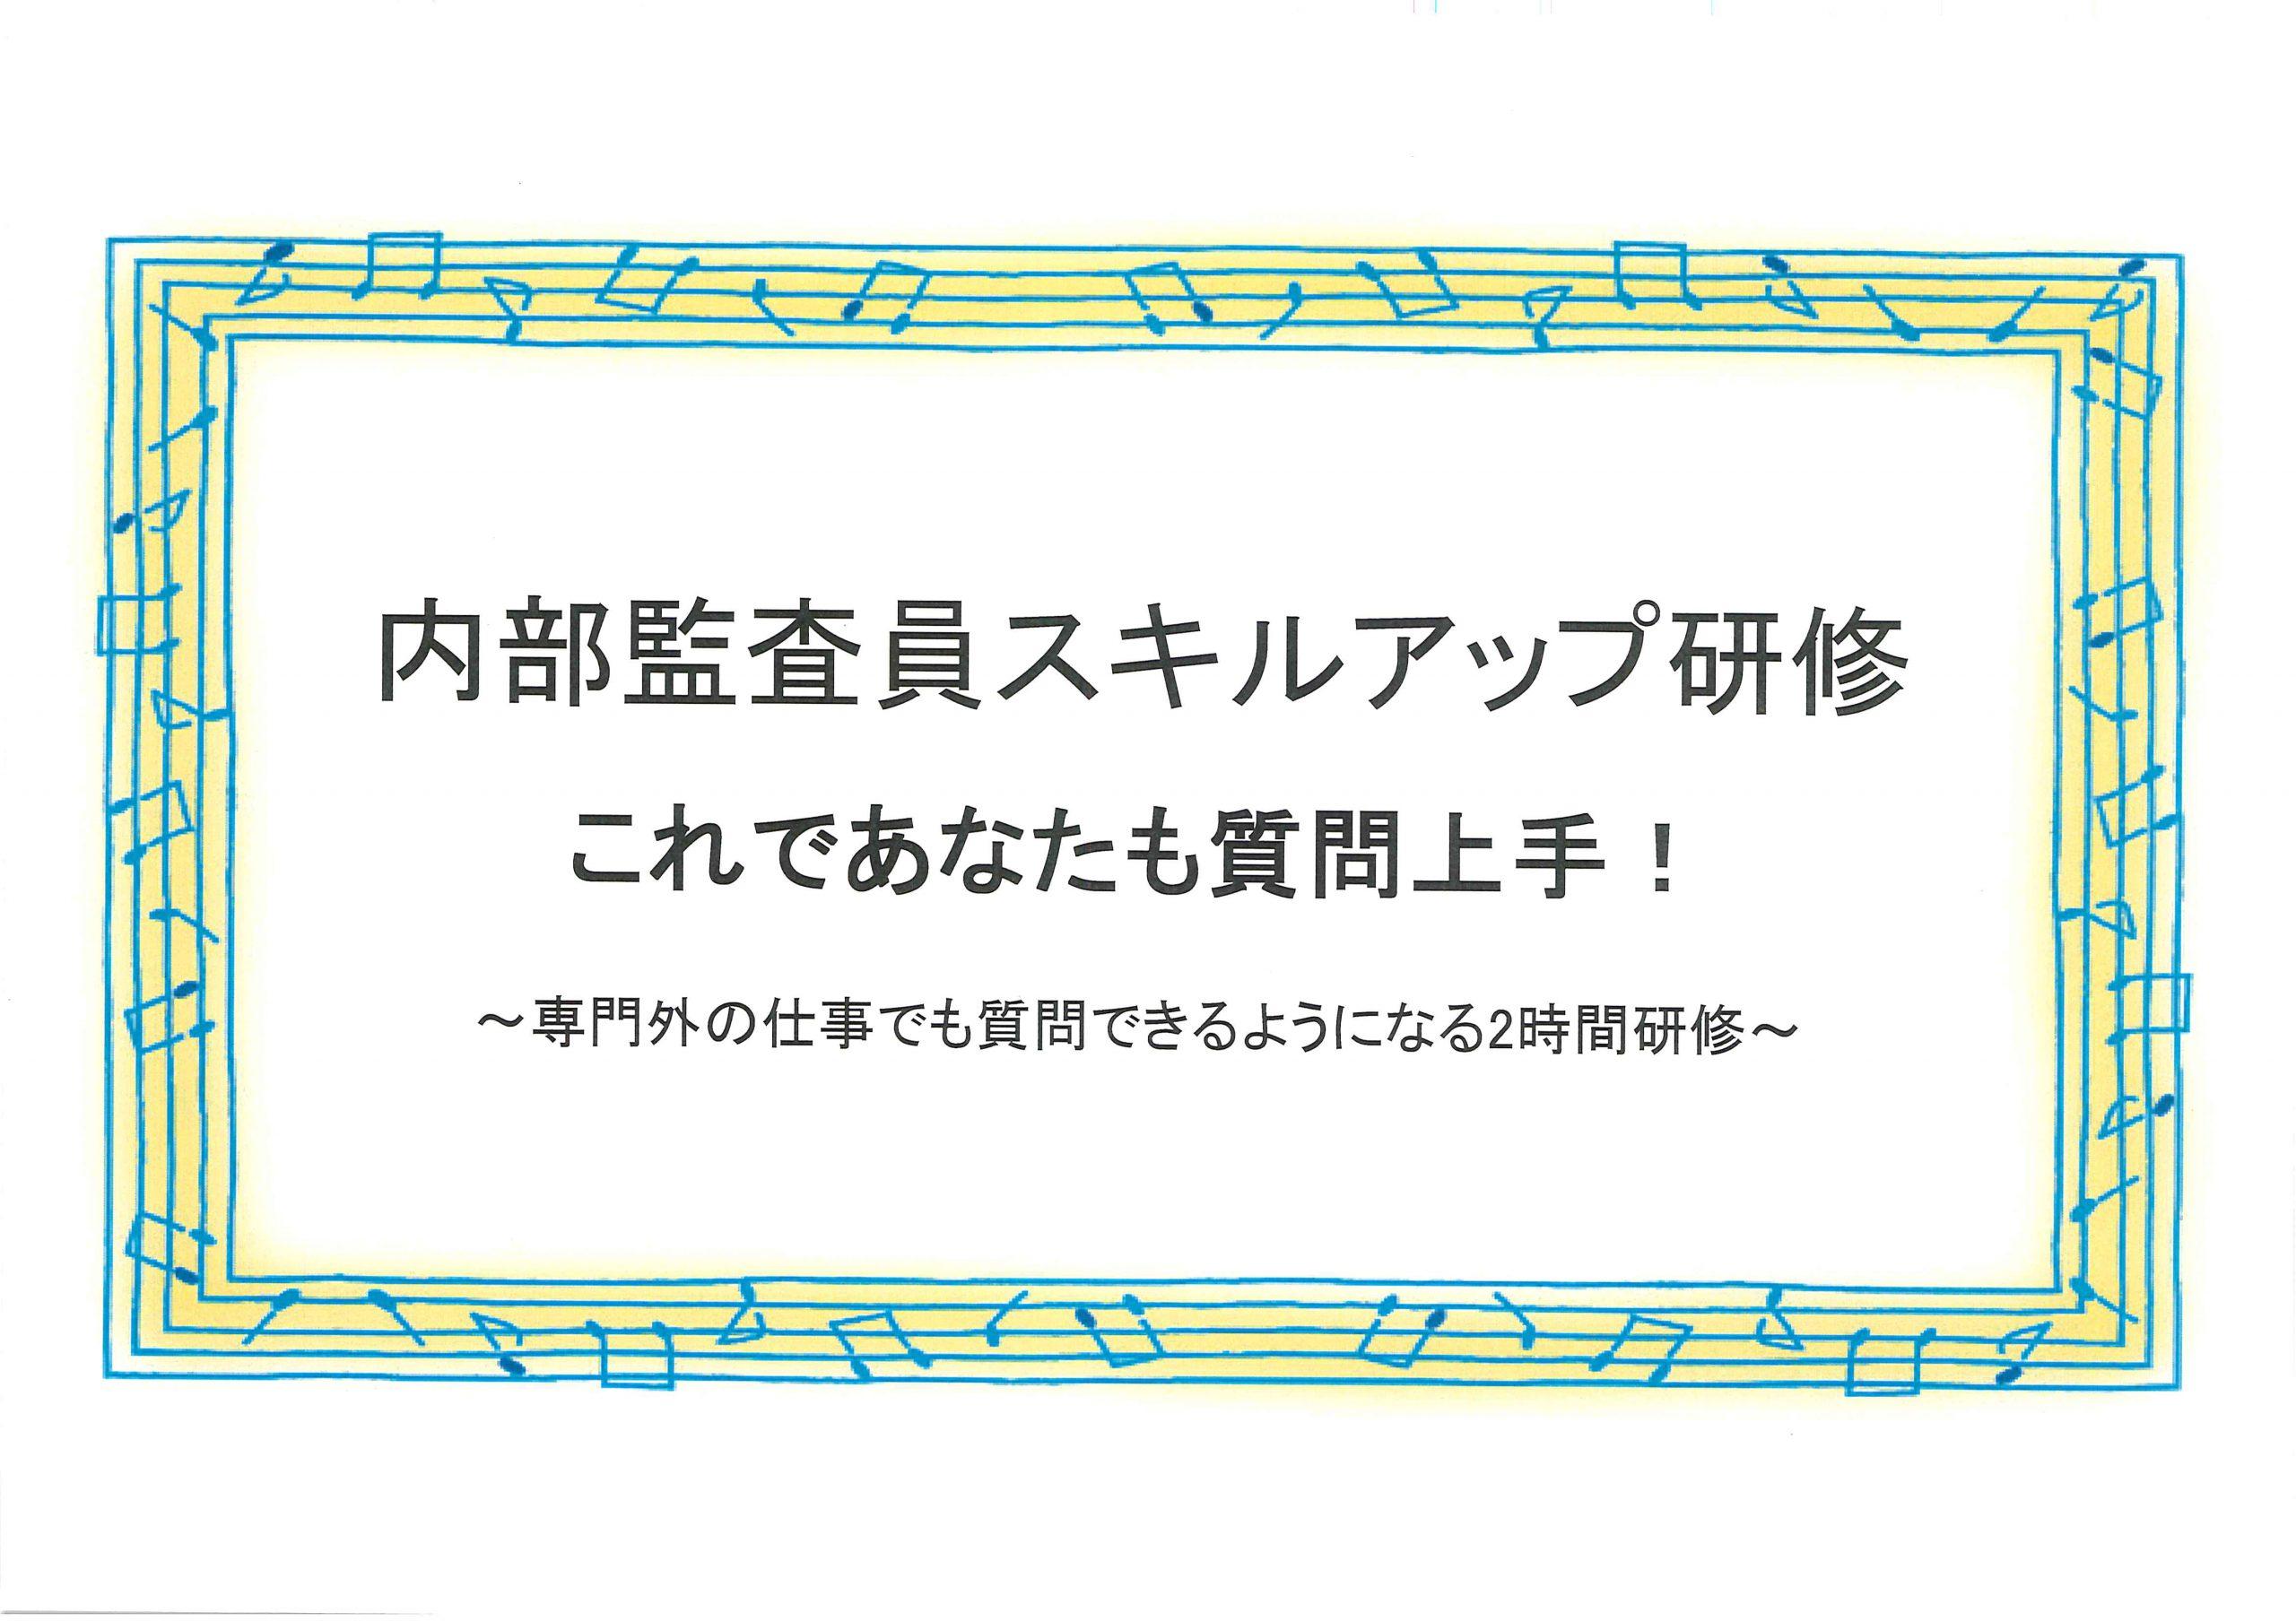 2法人合同 内部監査員スキルアップ研修オンライン開催!